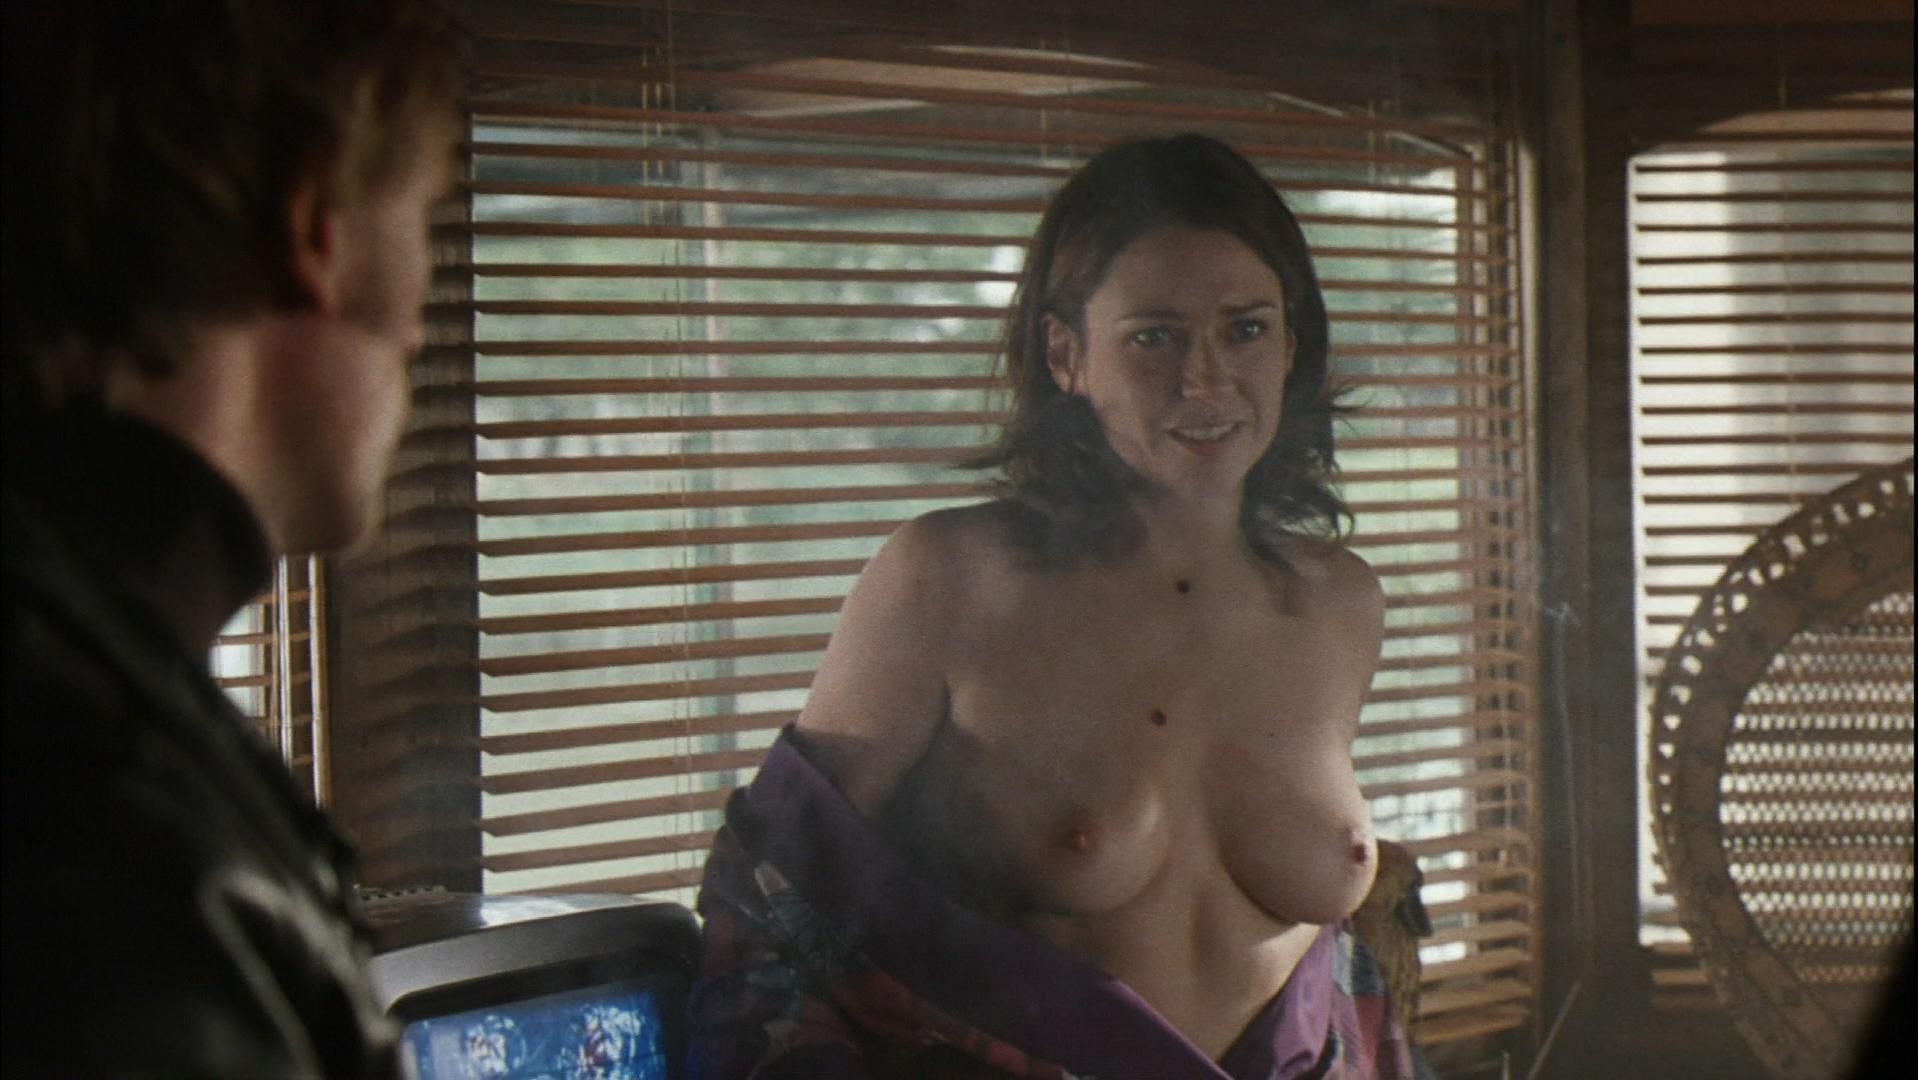 Marie-Josee Croze nude - Munich (2005)